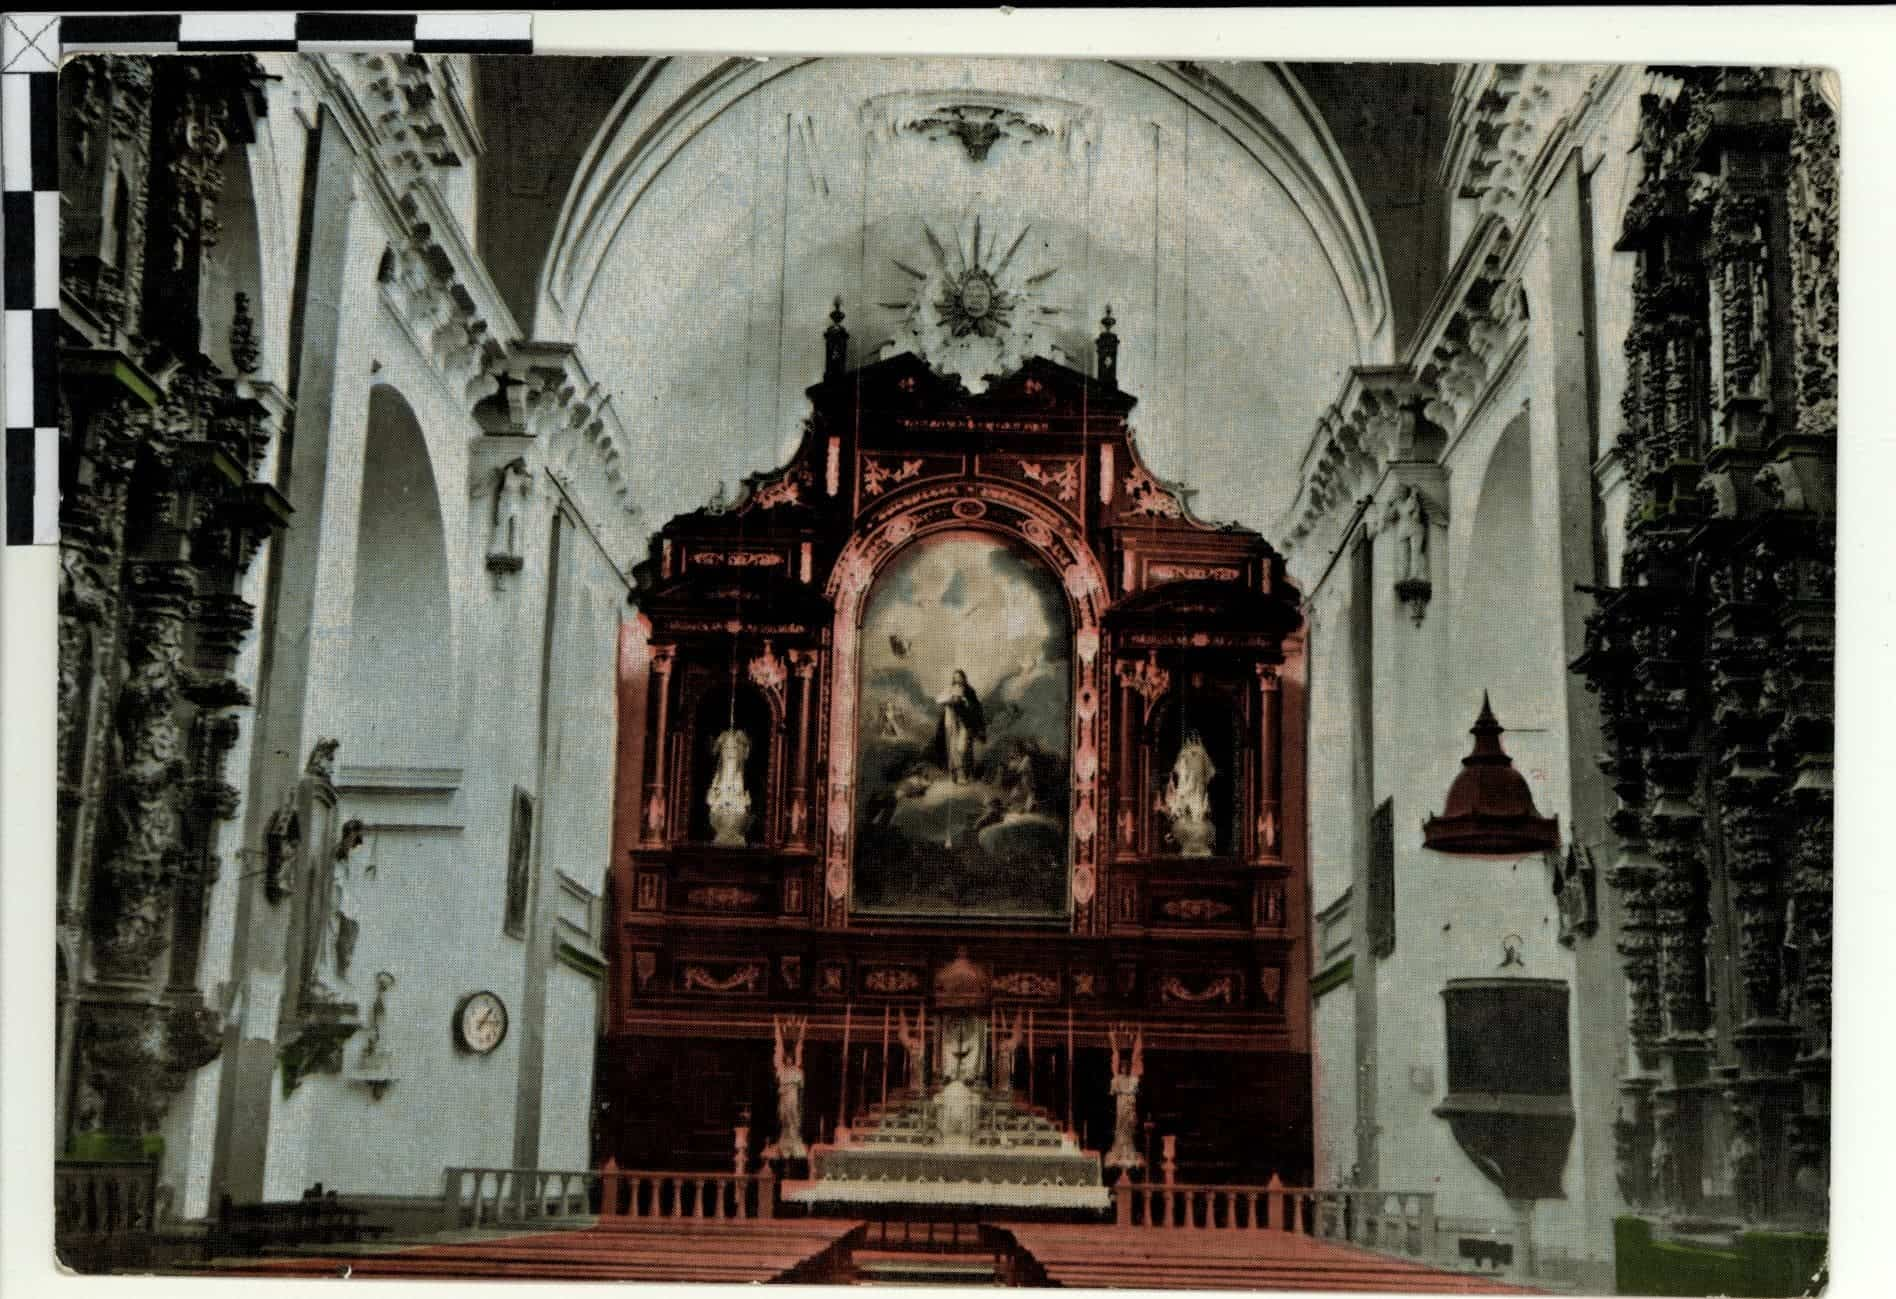 Conociendo Herencia: Retablo y lienzo de la Inmaculada Concepción 8